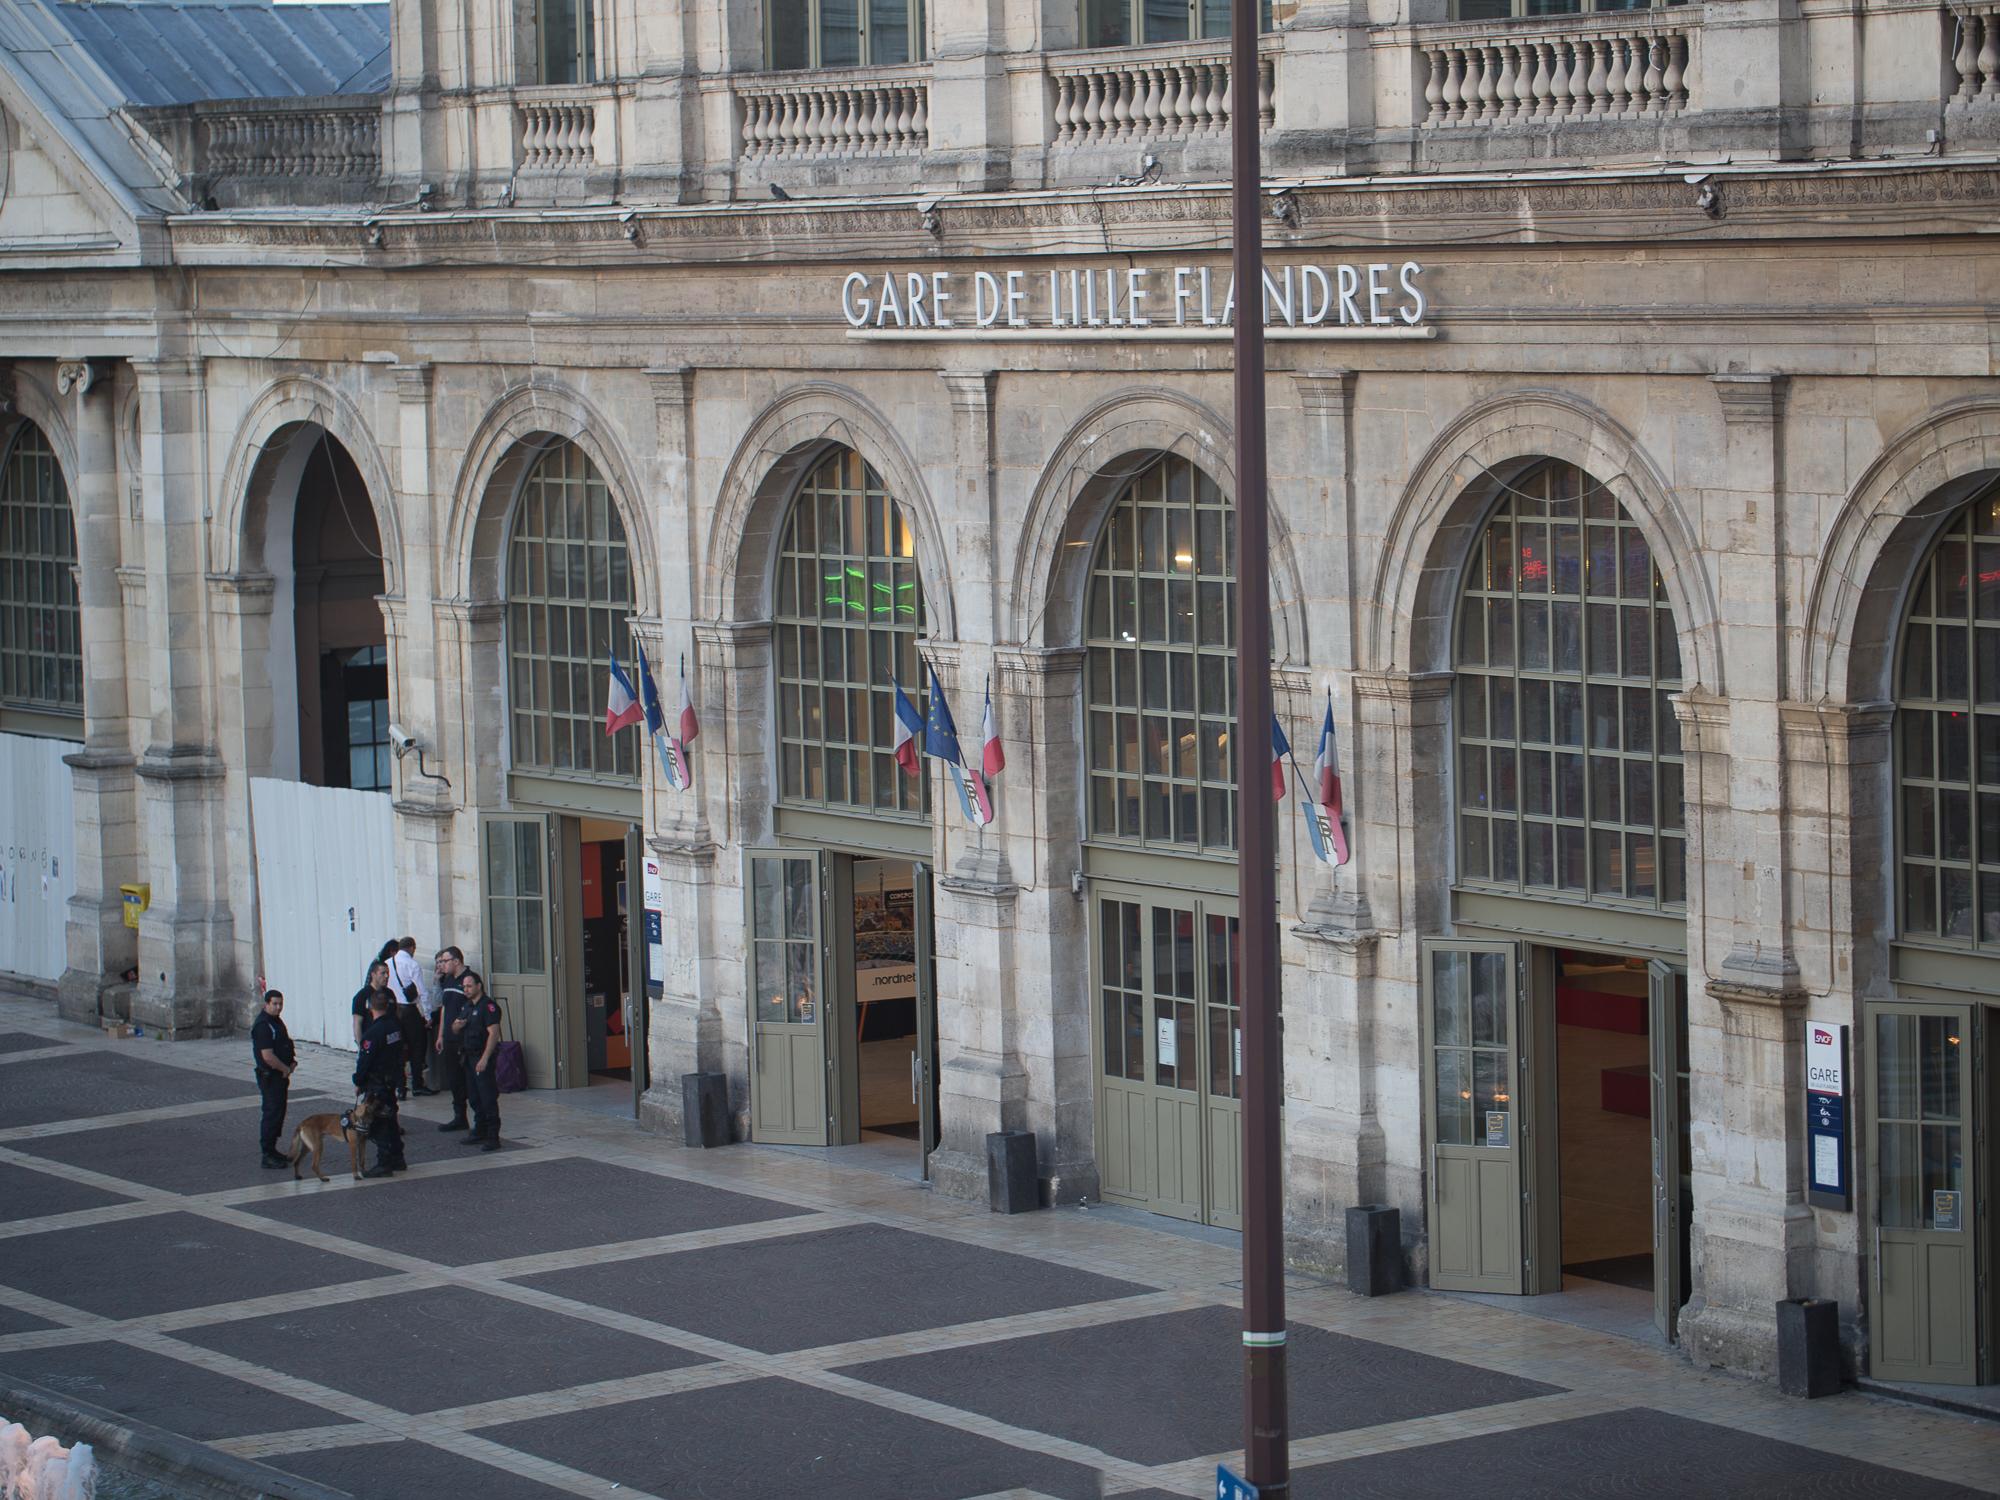 The entrance to Le Gare de Lille Flandres